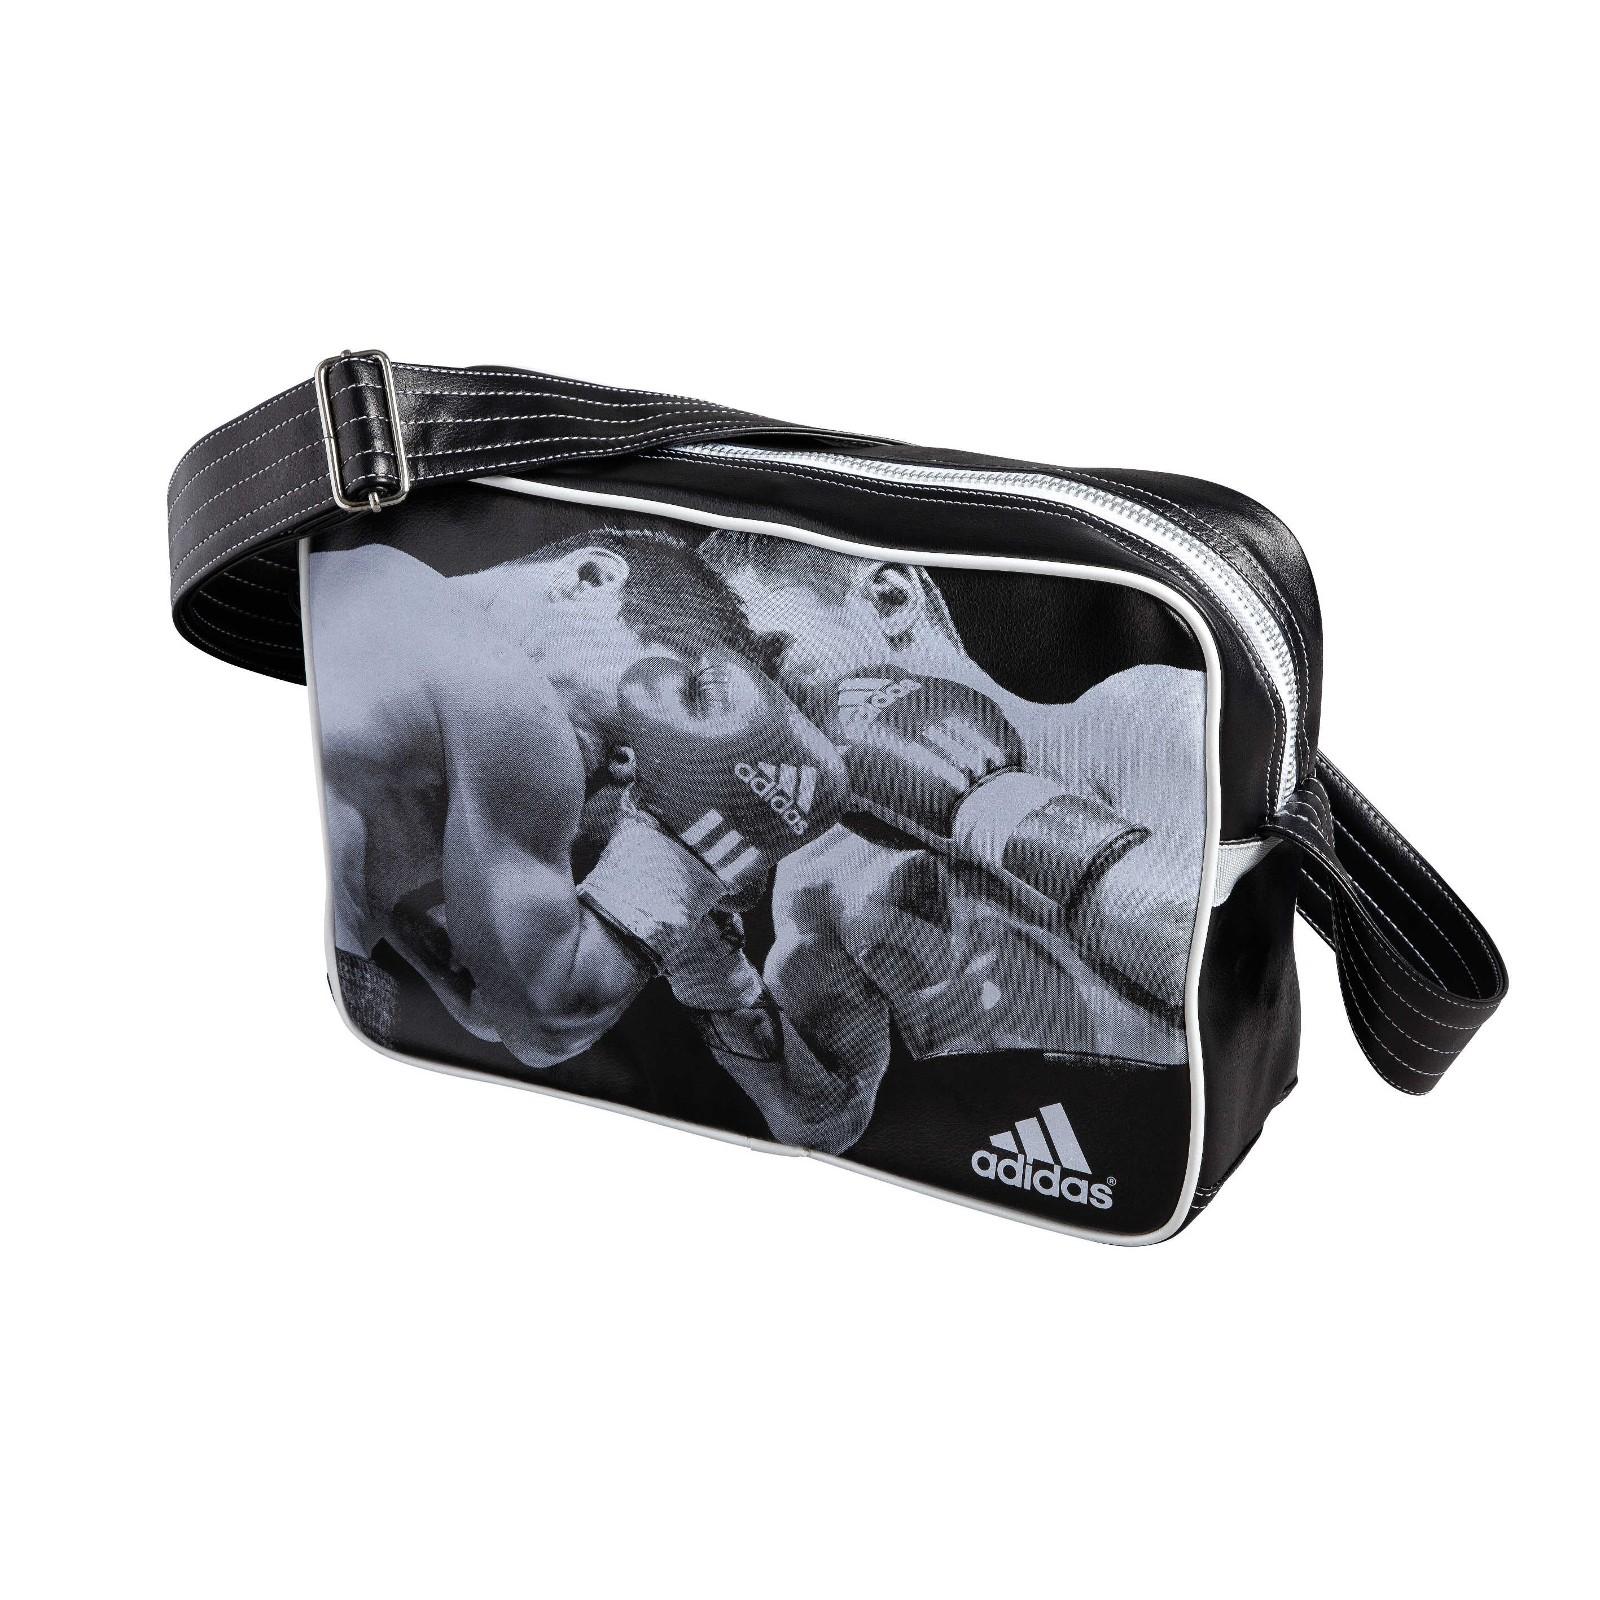 adidas boxing shoulder bag buy test sport tiedje. Black Bedroom Furniture Sets. Home Design Ideas